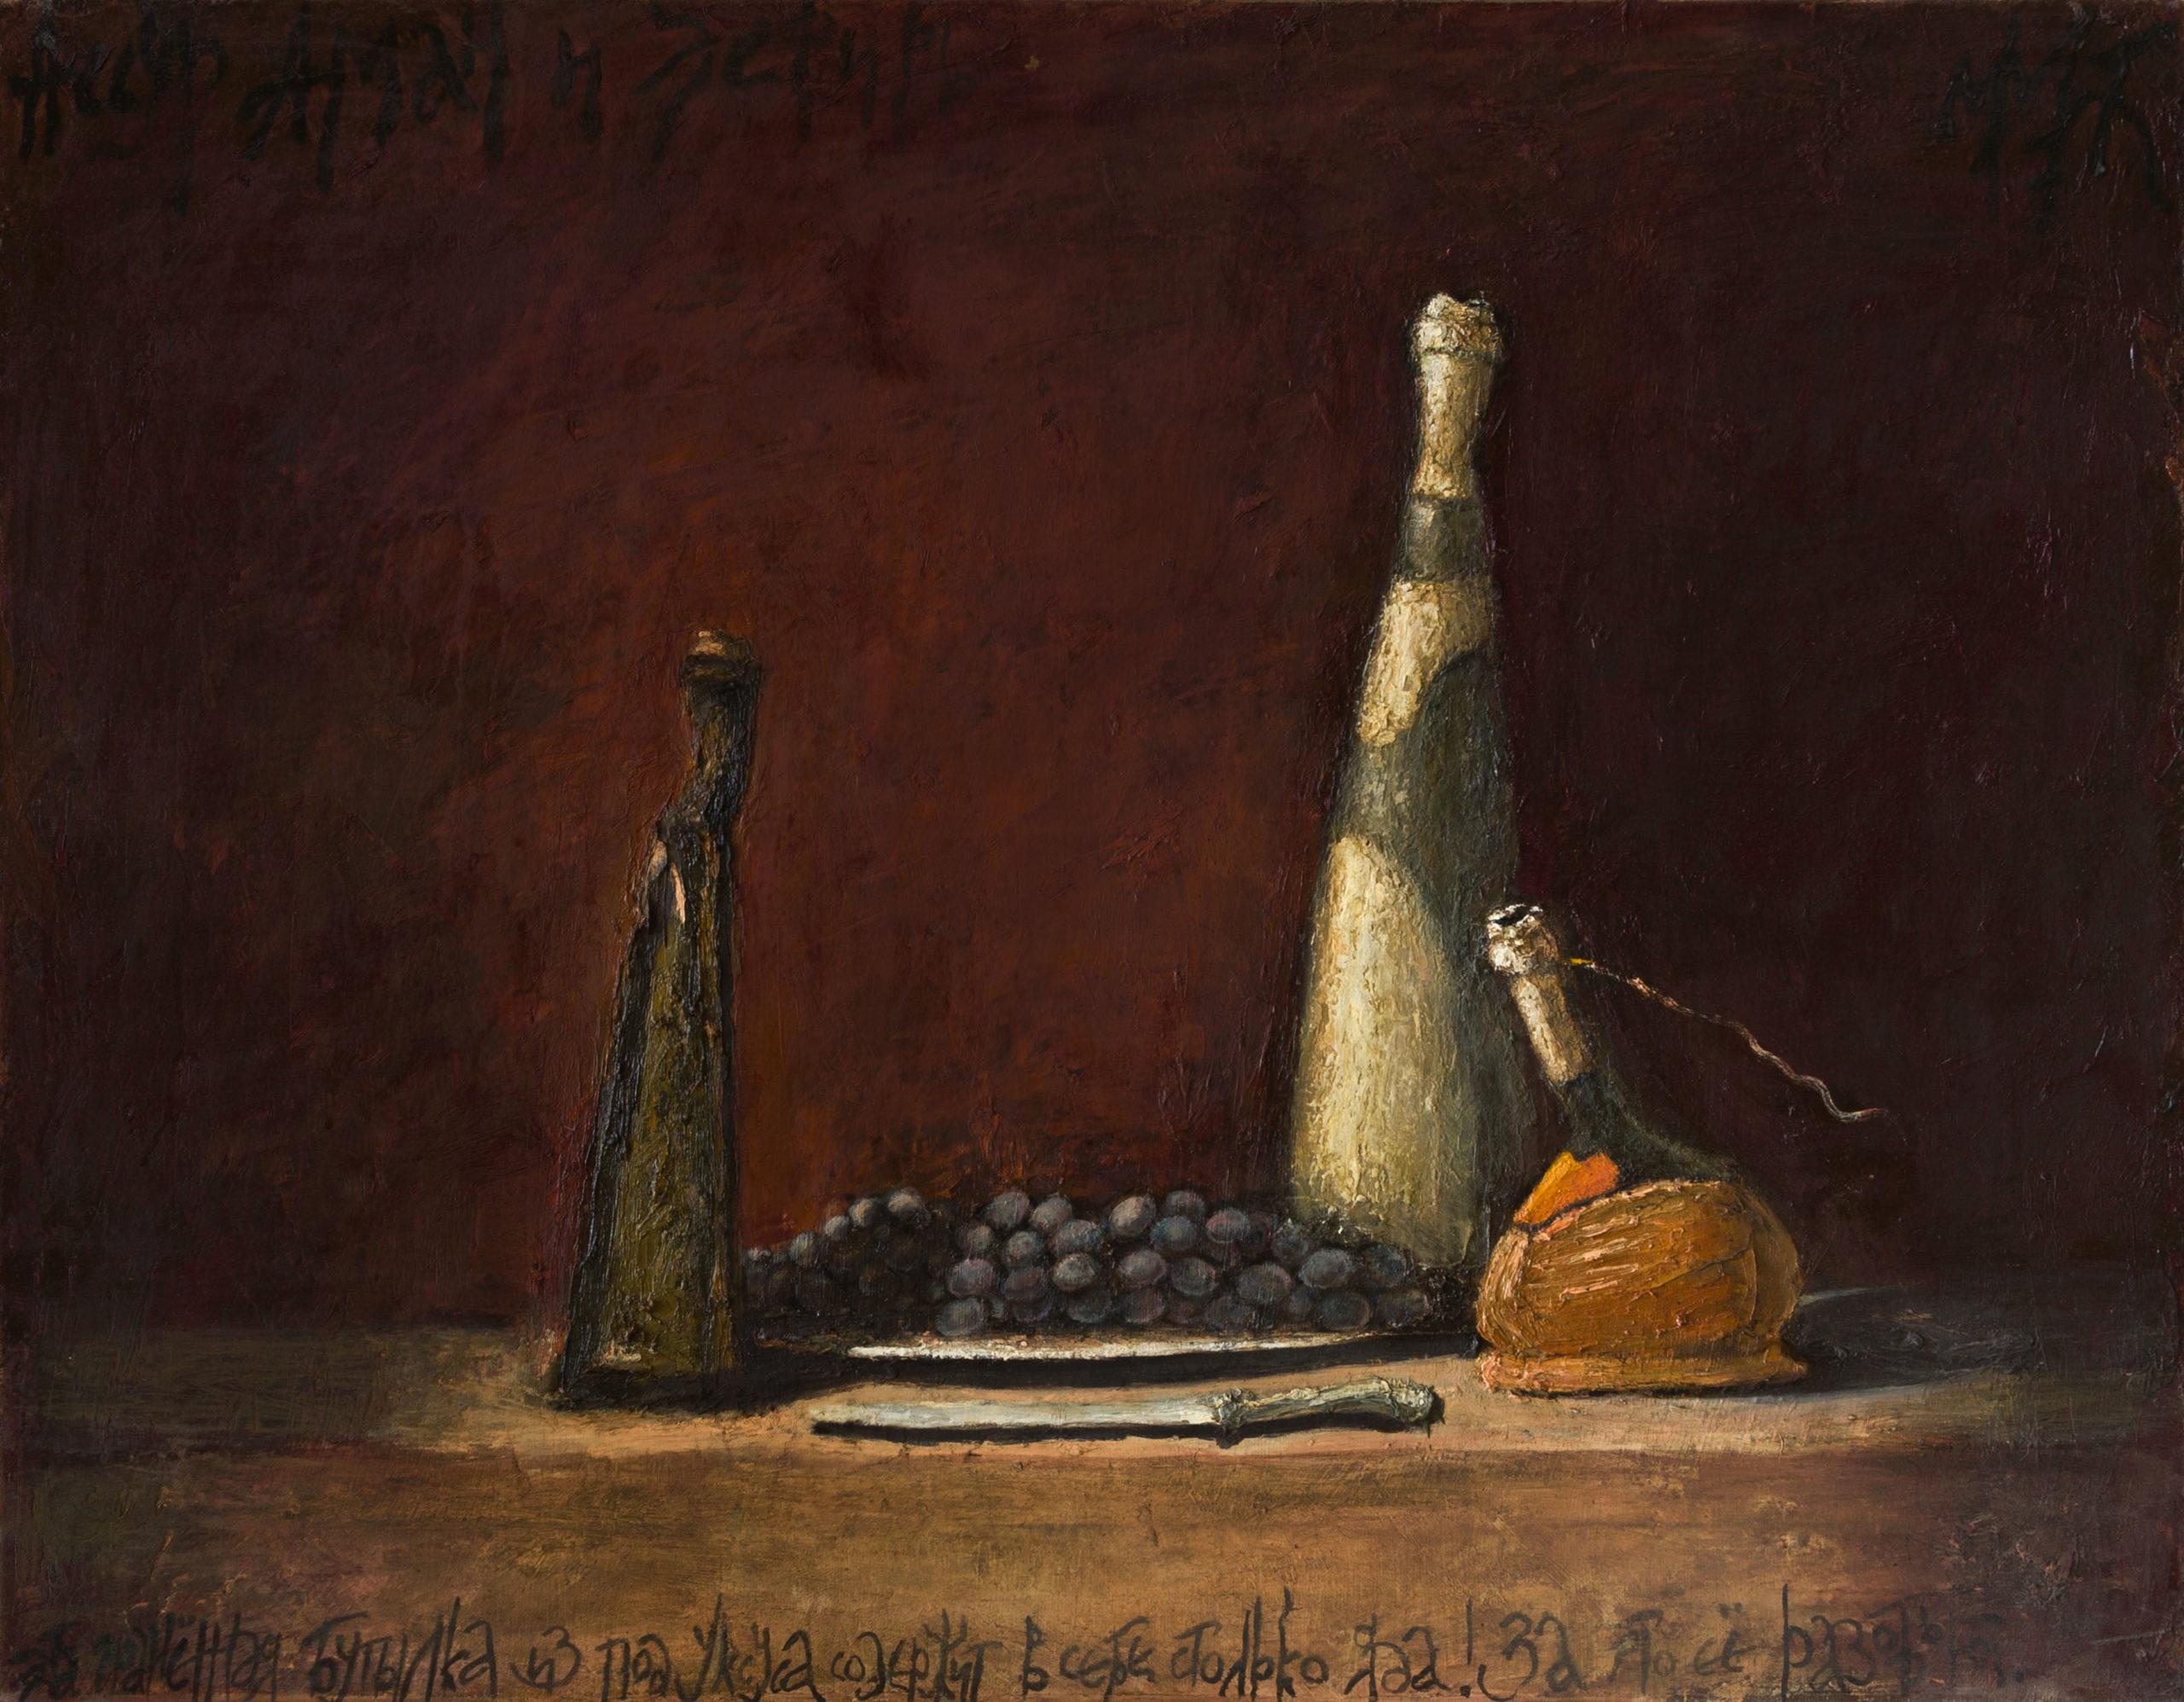 Ассур , Аман и Эсфирь 70х90. Текст на холсте: «Эта граненая бутылка из под уксуса столько яда! За это её разобьют!»